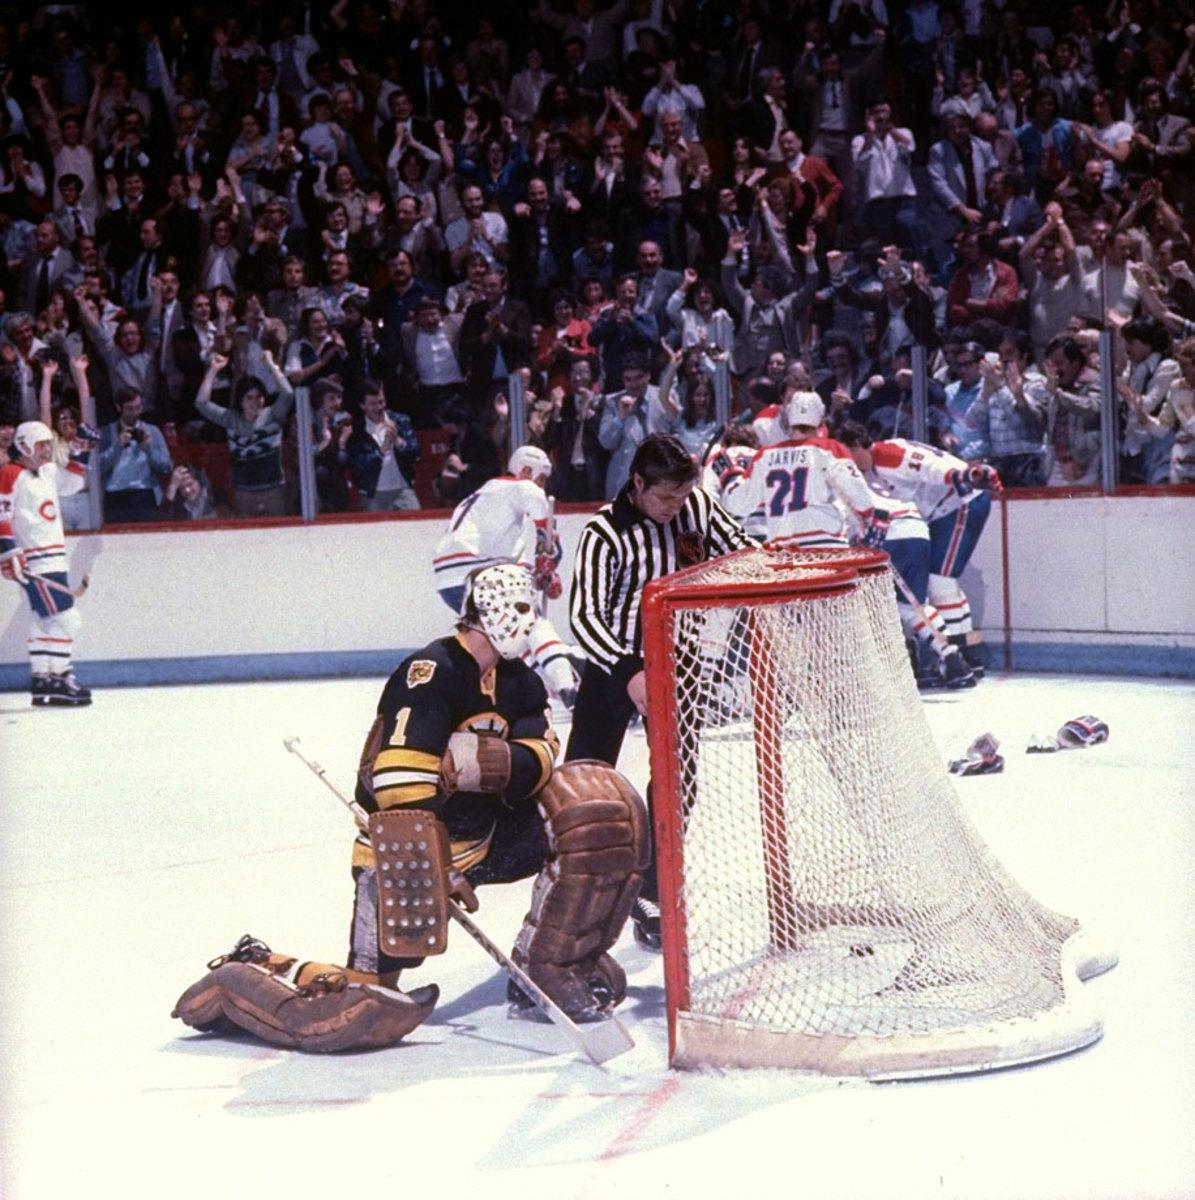 1979-Canadiens-Bruins-Game-7-Yvon-Lambert-Gerry-Cheevers-05809530.jpg